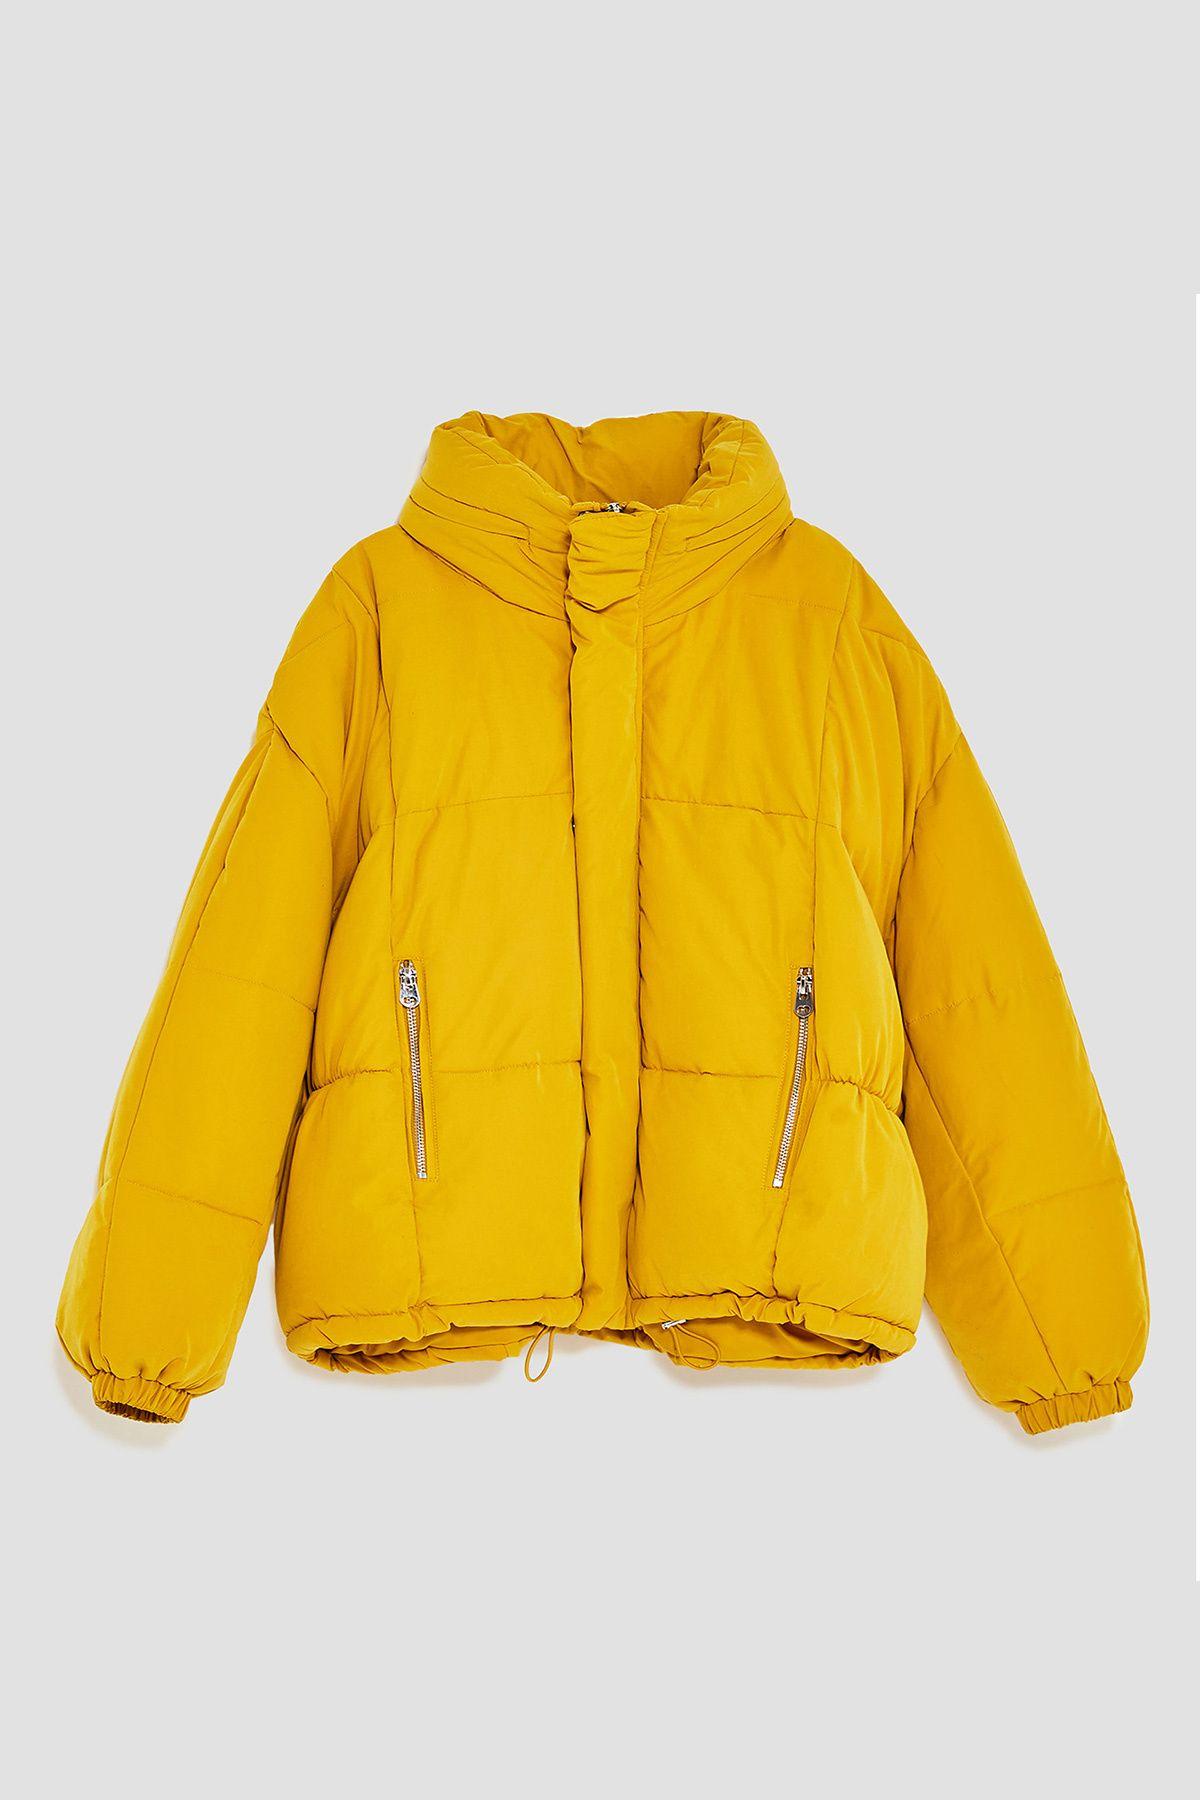 El plumas amarillo mostaza de Zara   Chaqueta amarilla zara